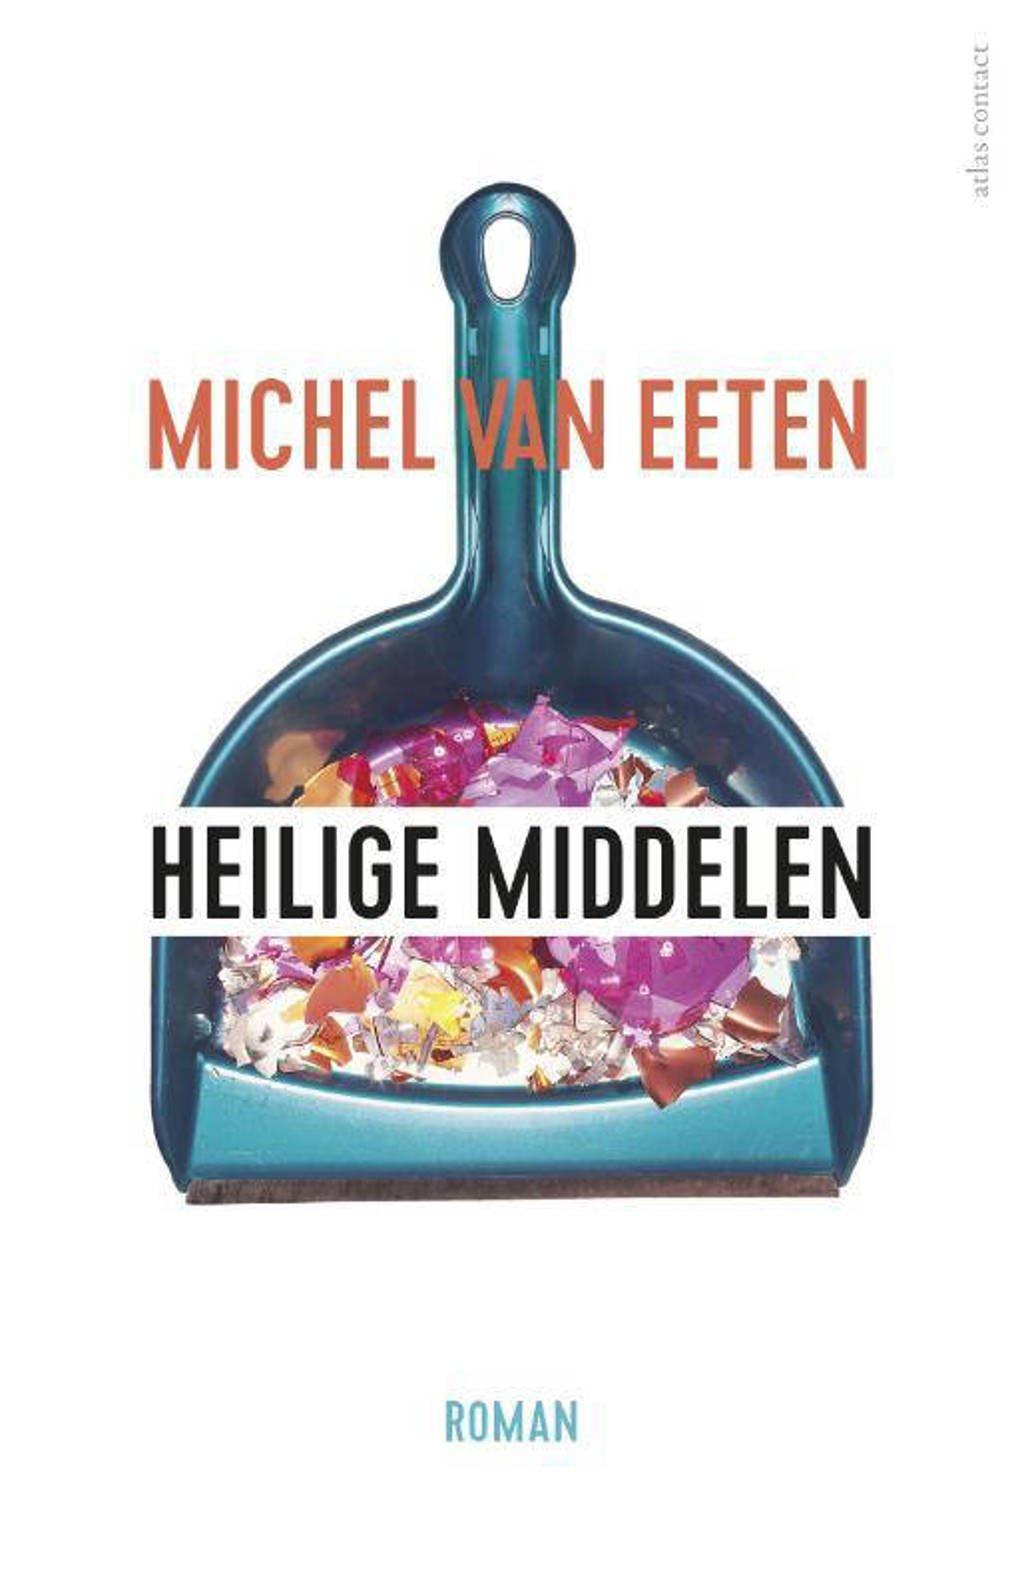 Heilige middelen - Michel van Eeten